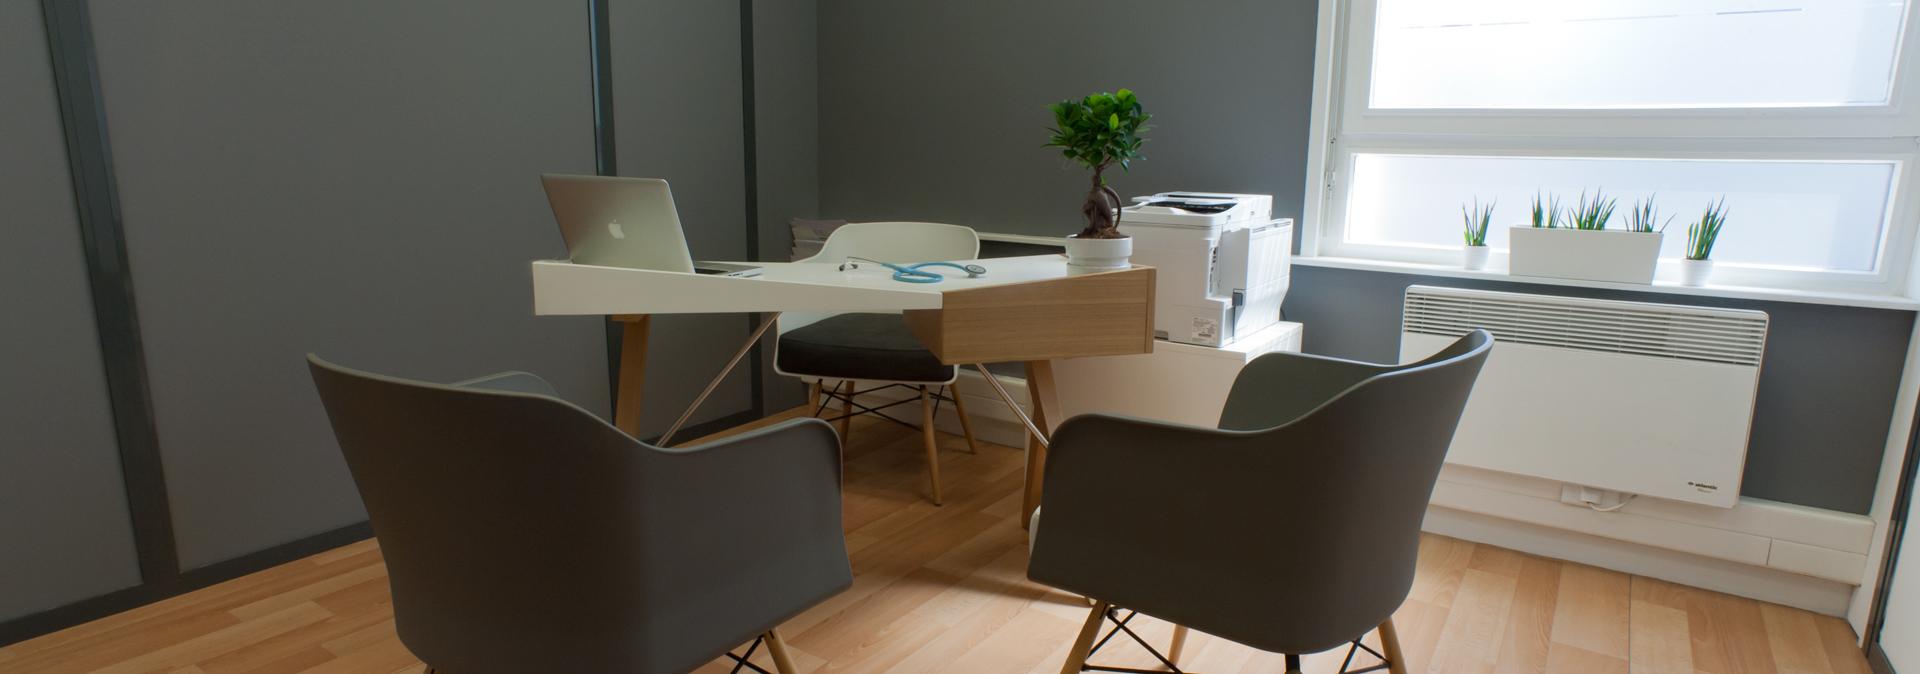 centre de m decine esth tique lasers m dicaux lille dr cherot. Black Bedroom Furniture Sets. Home Design Ideas